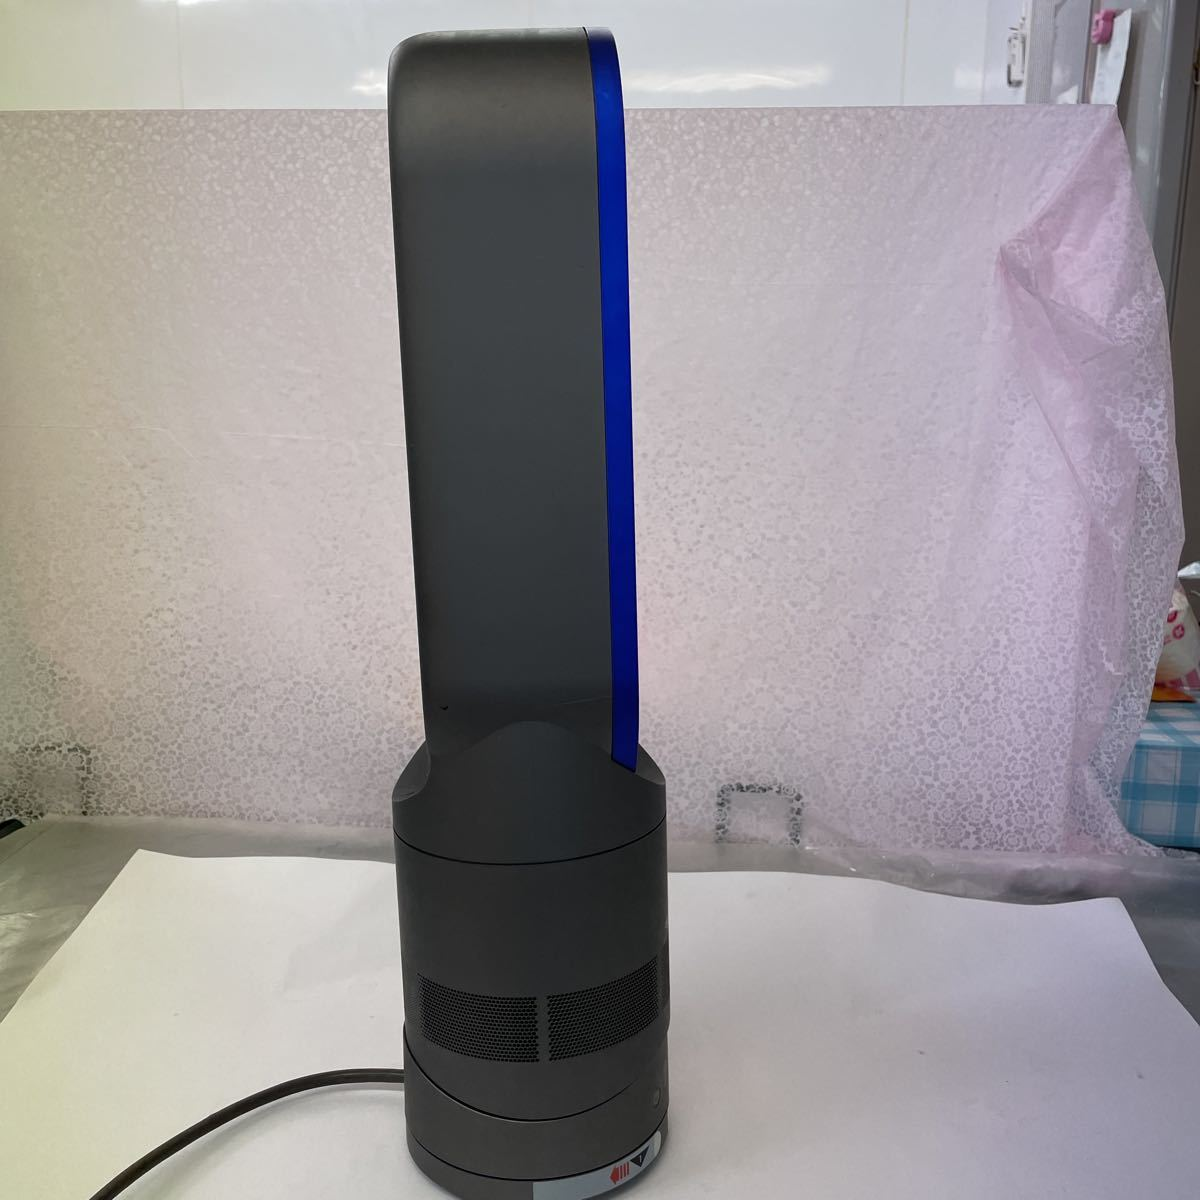 ダイソン Dyson Hot&Cool AM05 ファンヒーター 扇風機 2017年製 リモコン無し_画像5